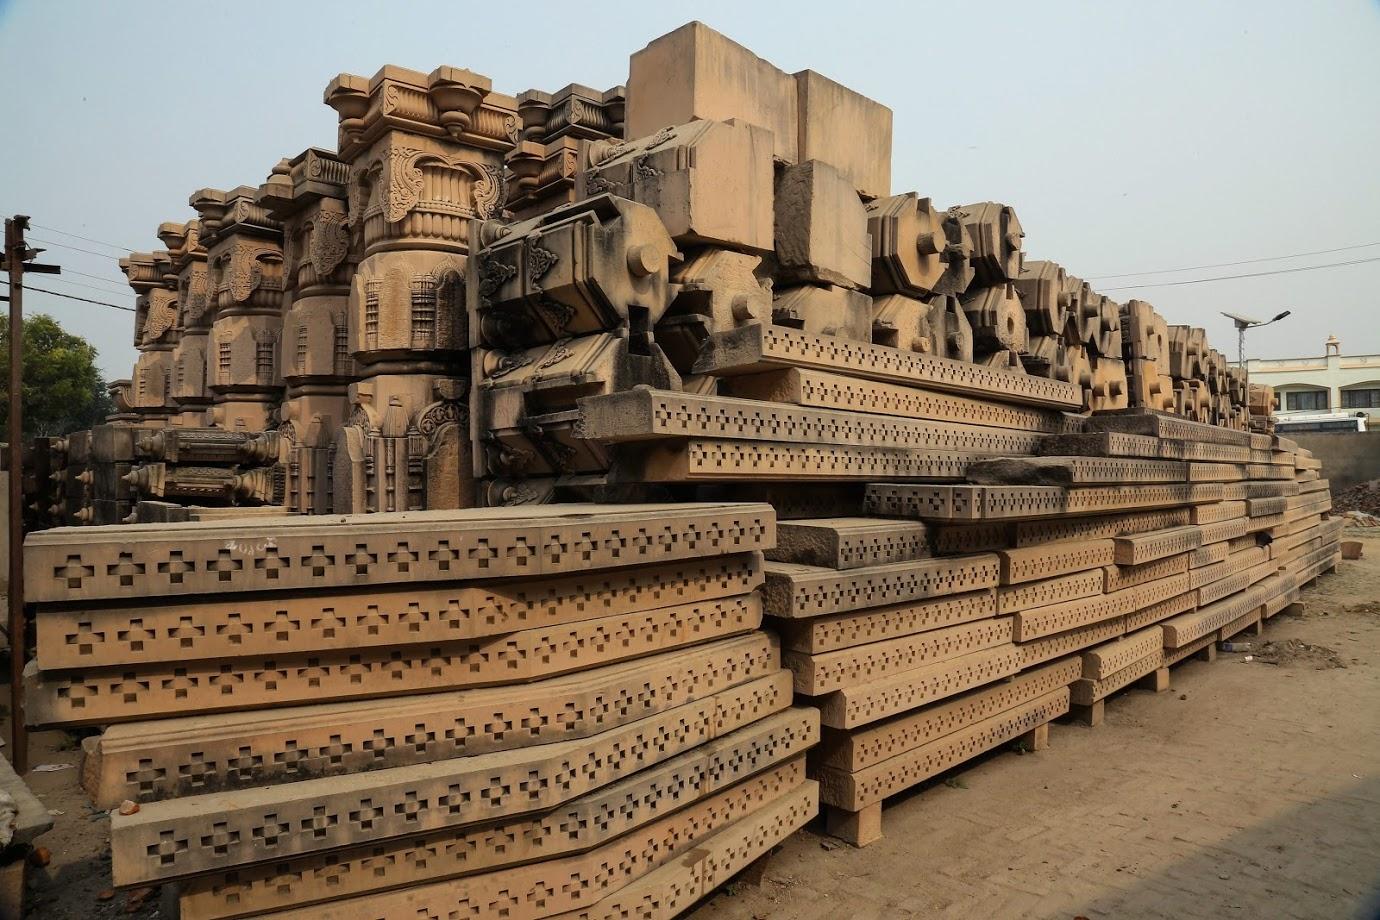 78 वर्षीय सोमपुरा यांनी सांगितले की, या योजनेनुसार मंदिर 268 फूट लांब, 140 फूट रुंद आणि 128 फूट उंचीइतकं शिखर आहे.